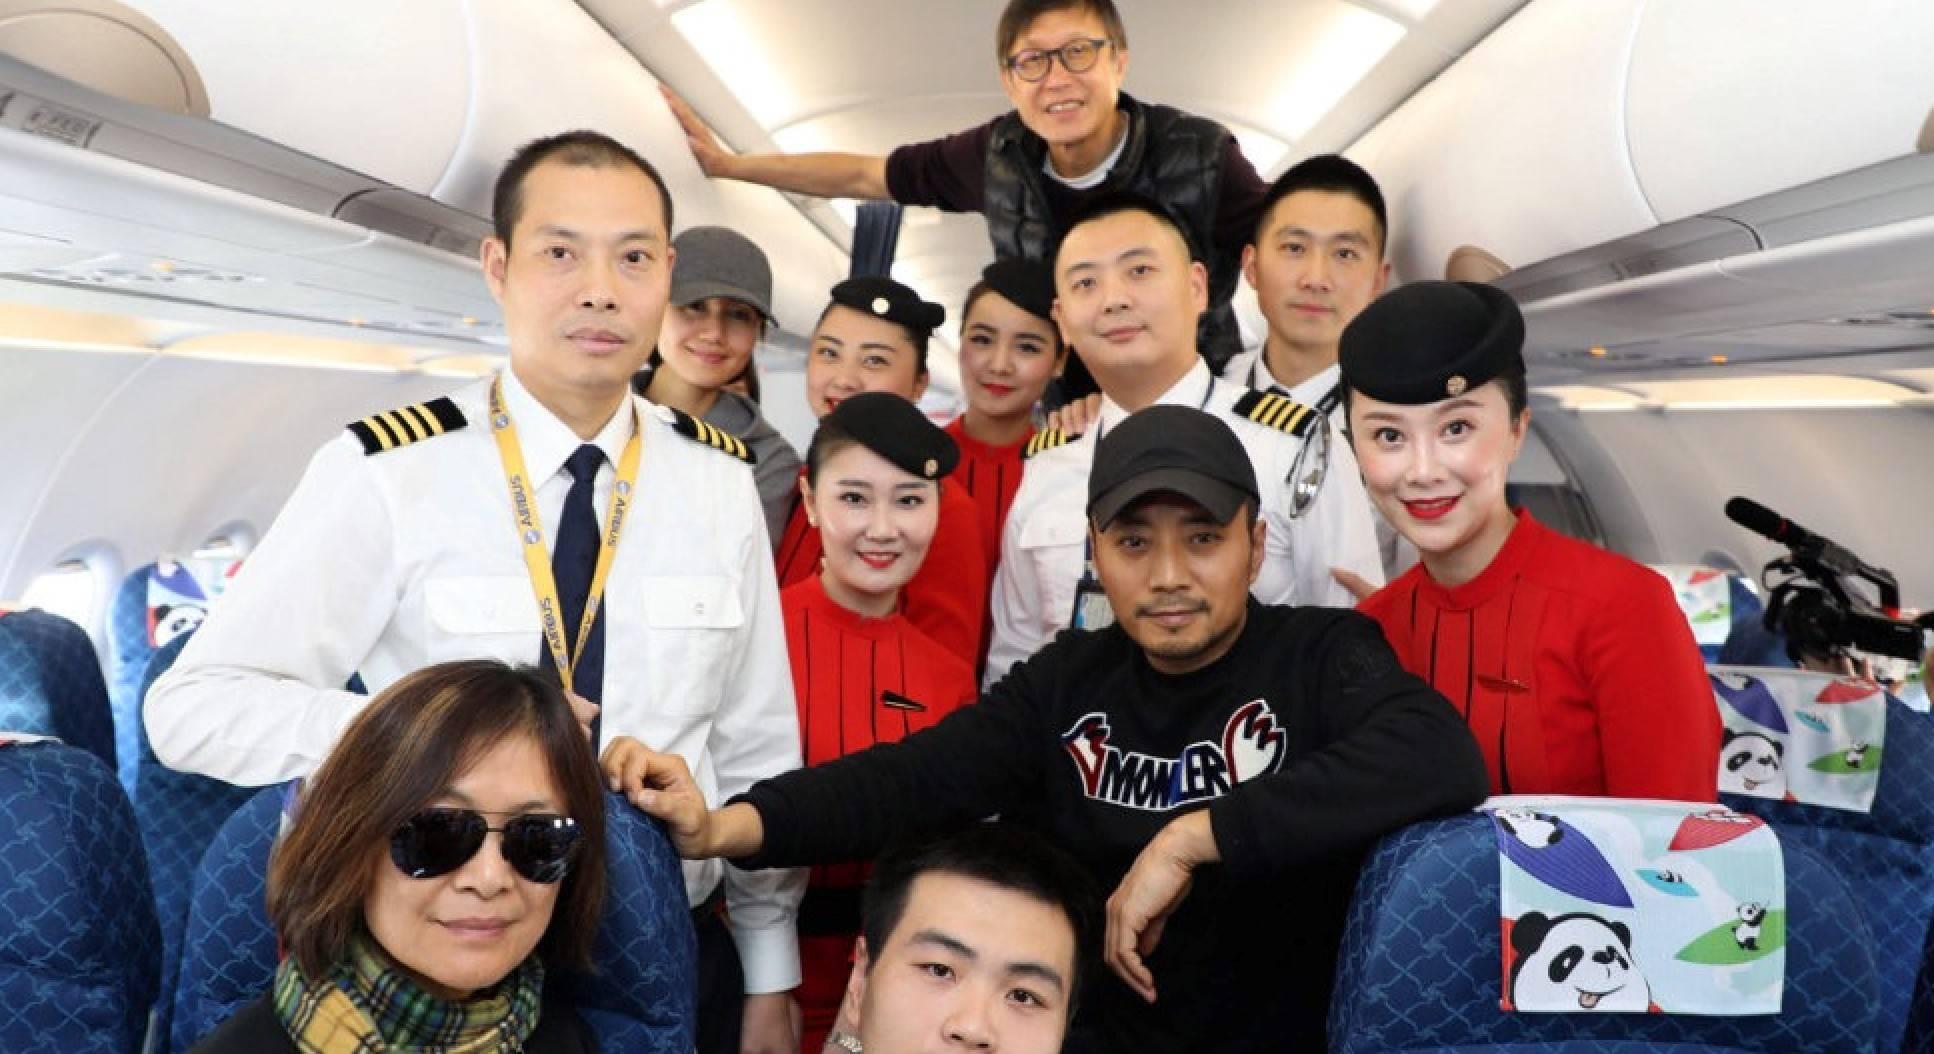 《萨利机长》VS《中国机长》FINAL